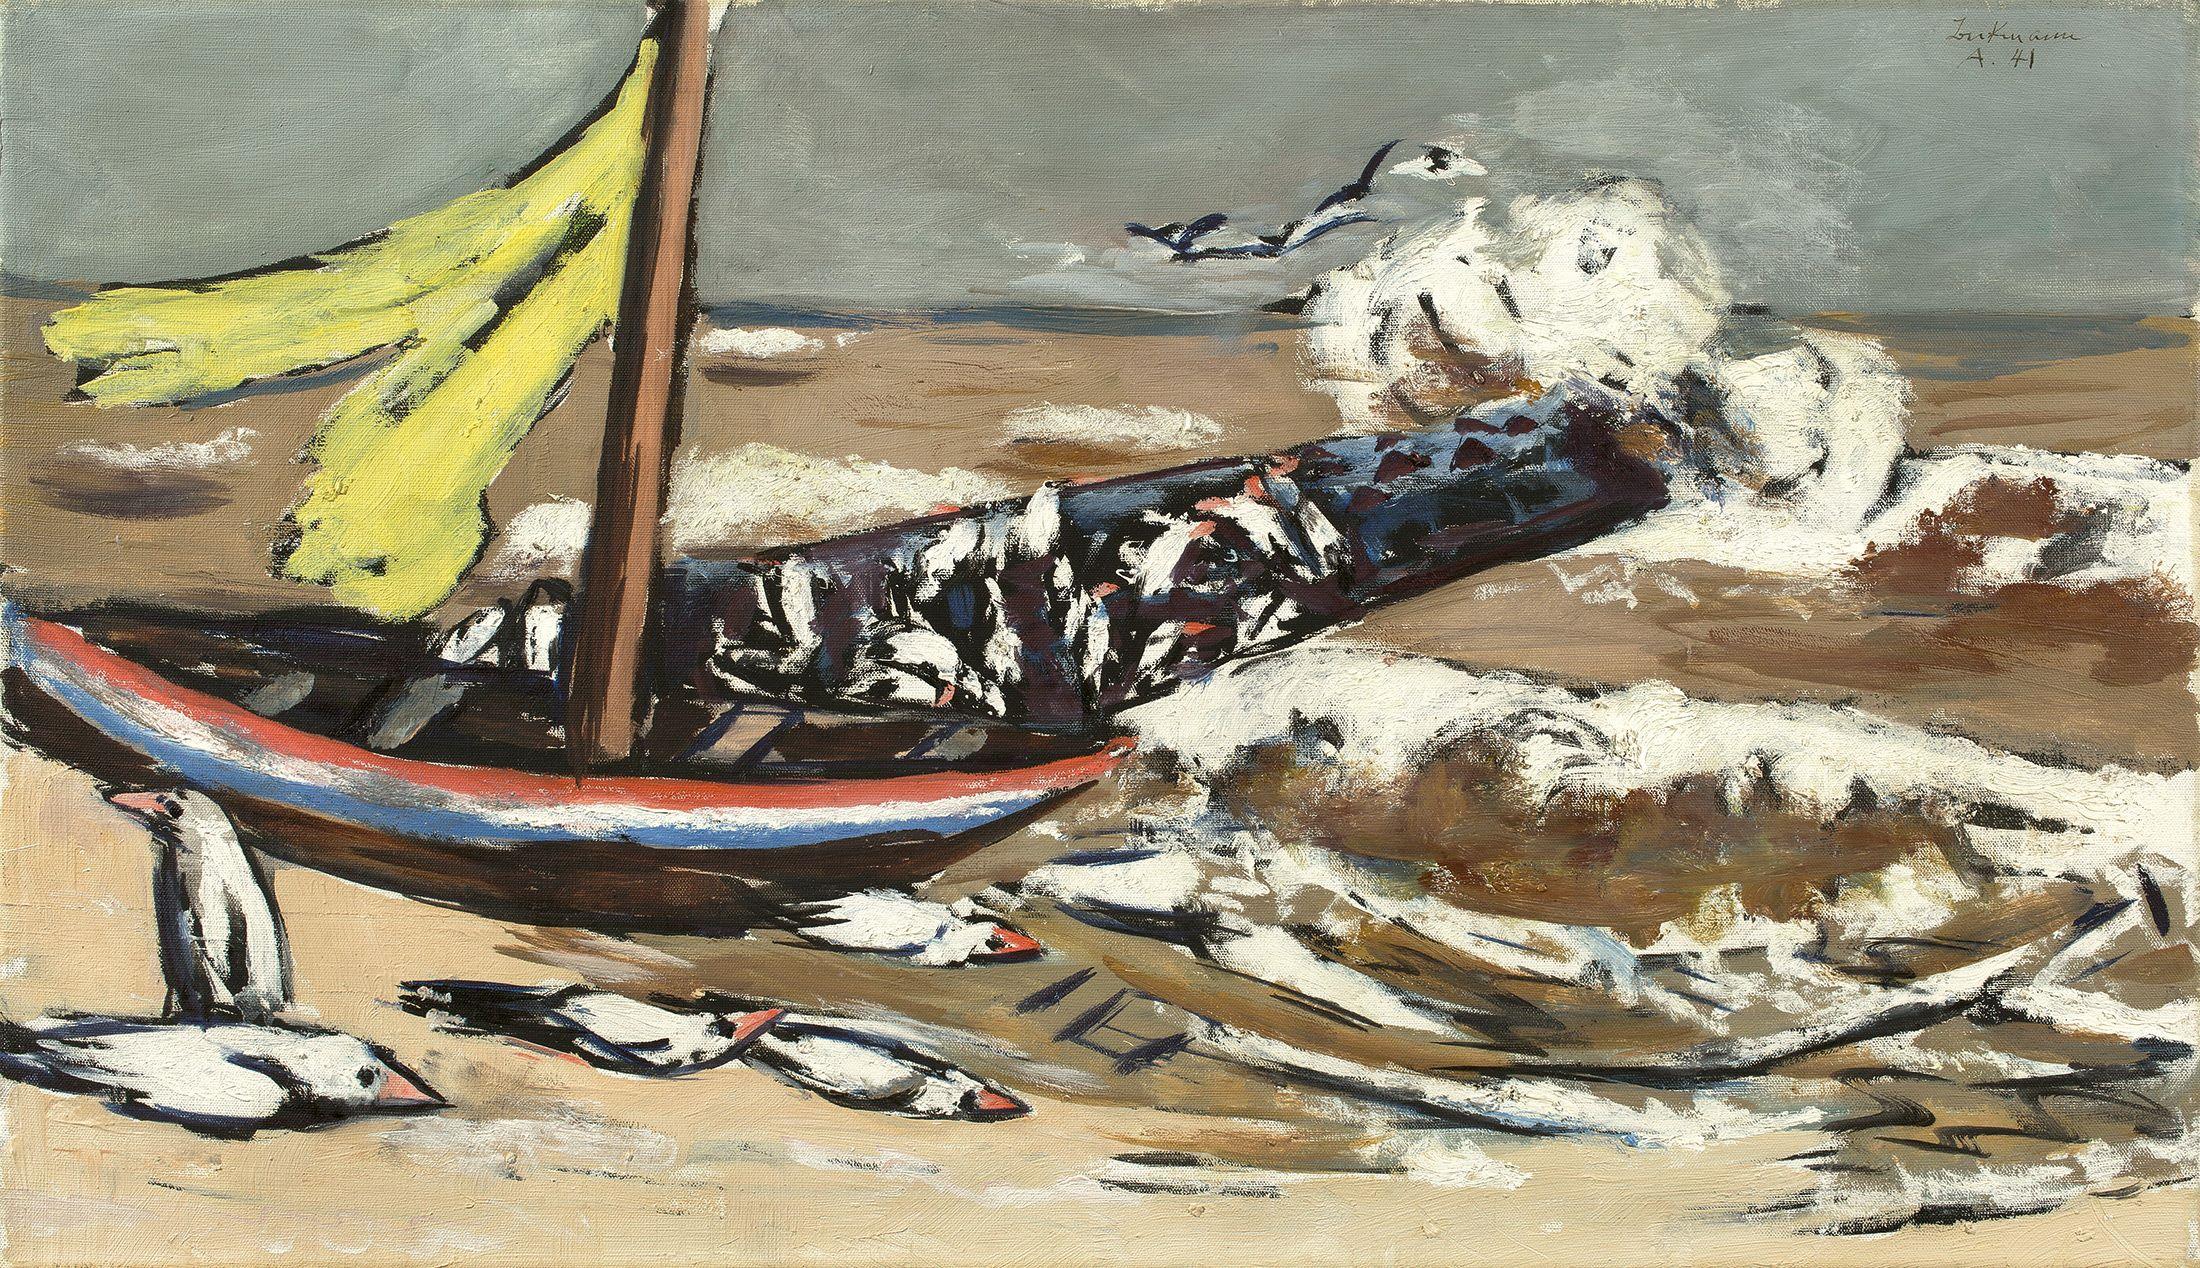 MAX BECKMANN (Leipzig 1884 – 1950 New York) - Braunes Meer mit Möwen, Öl/Lwd., bezeichnet, signiert und datiert, 1941